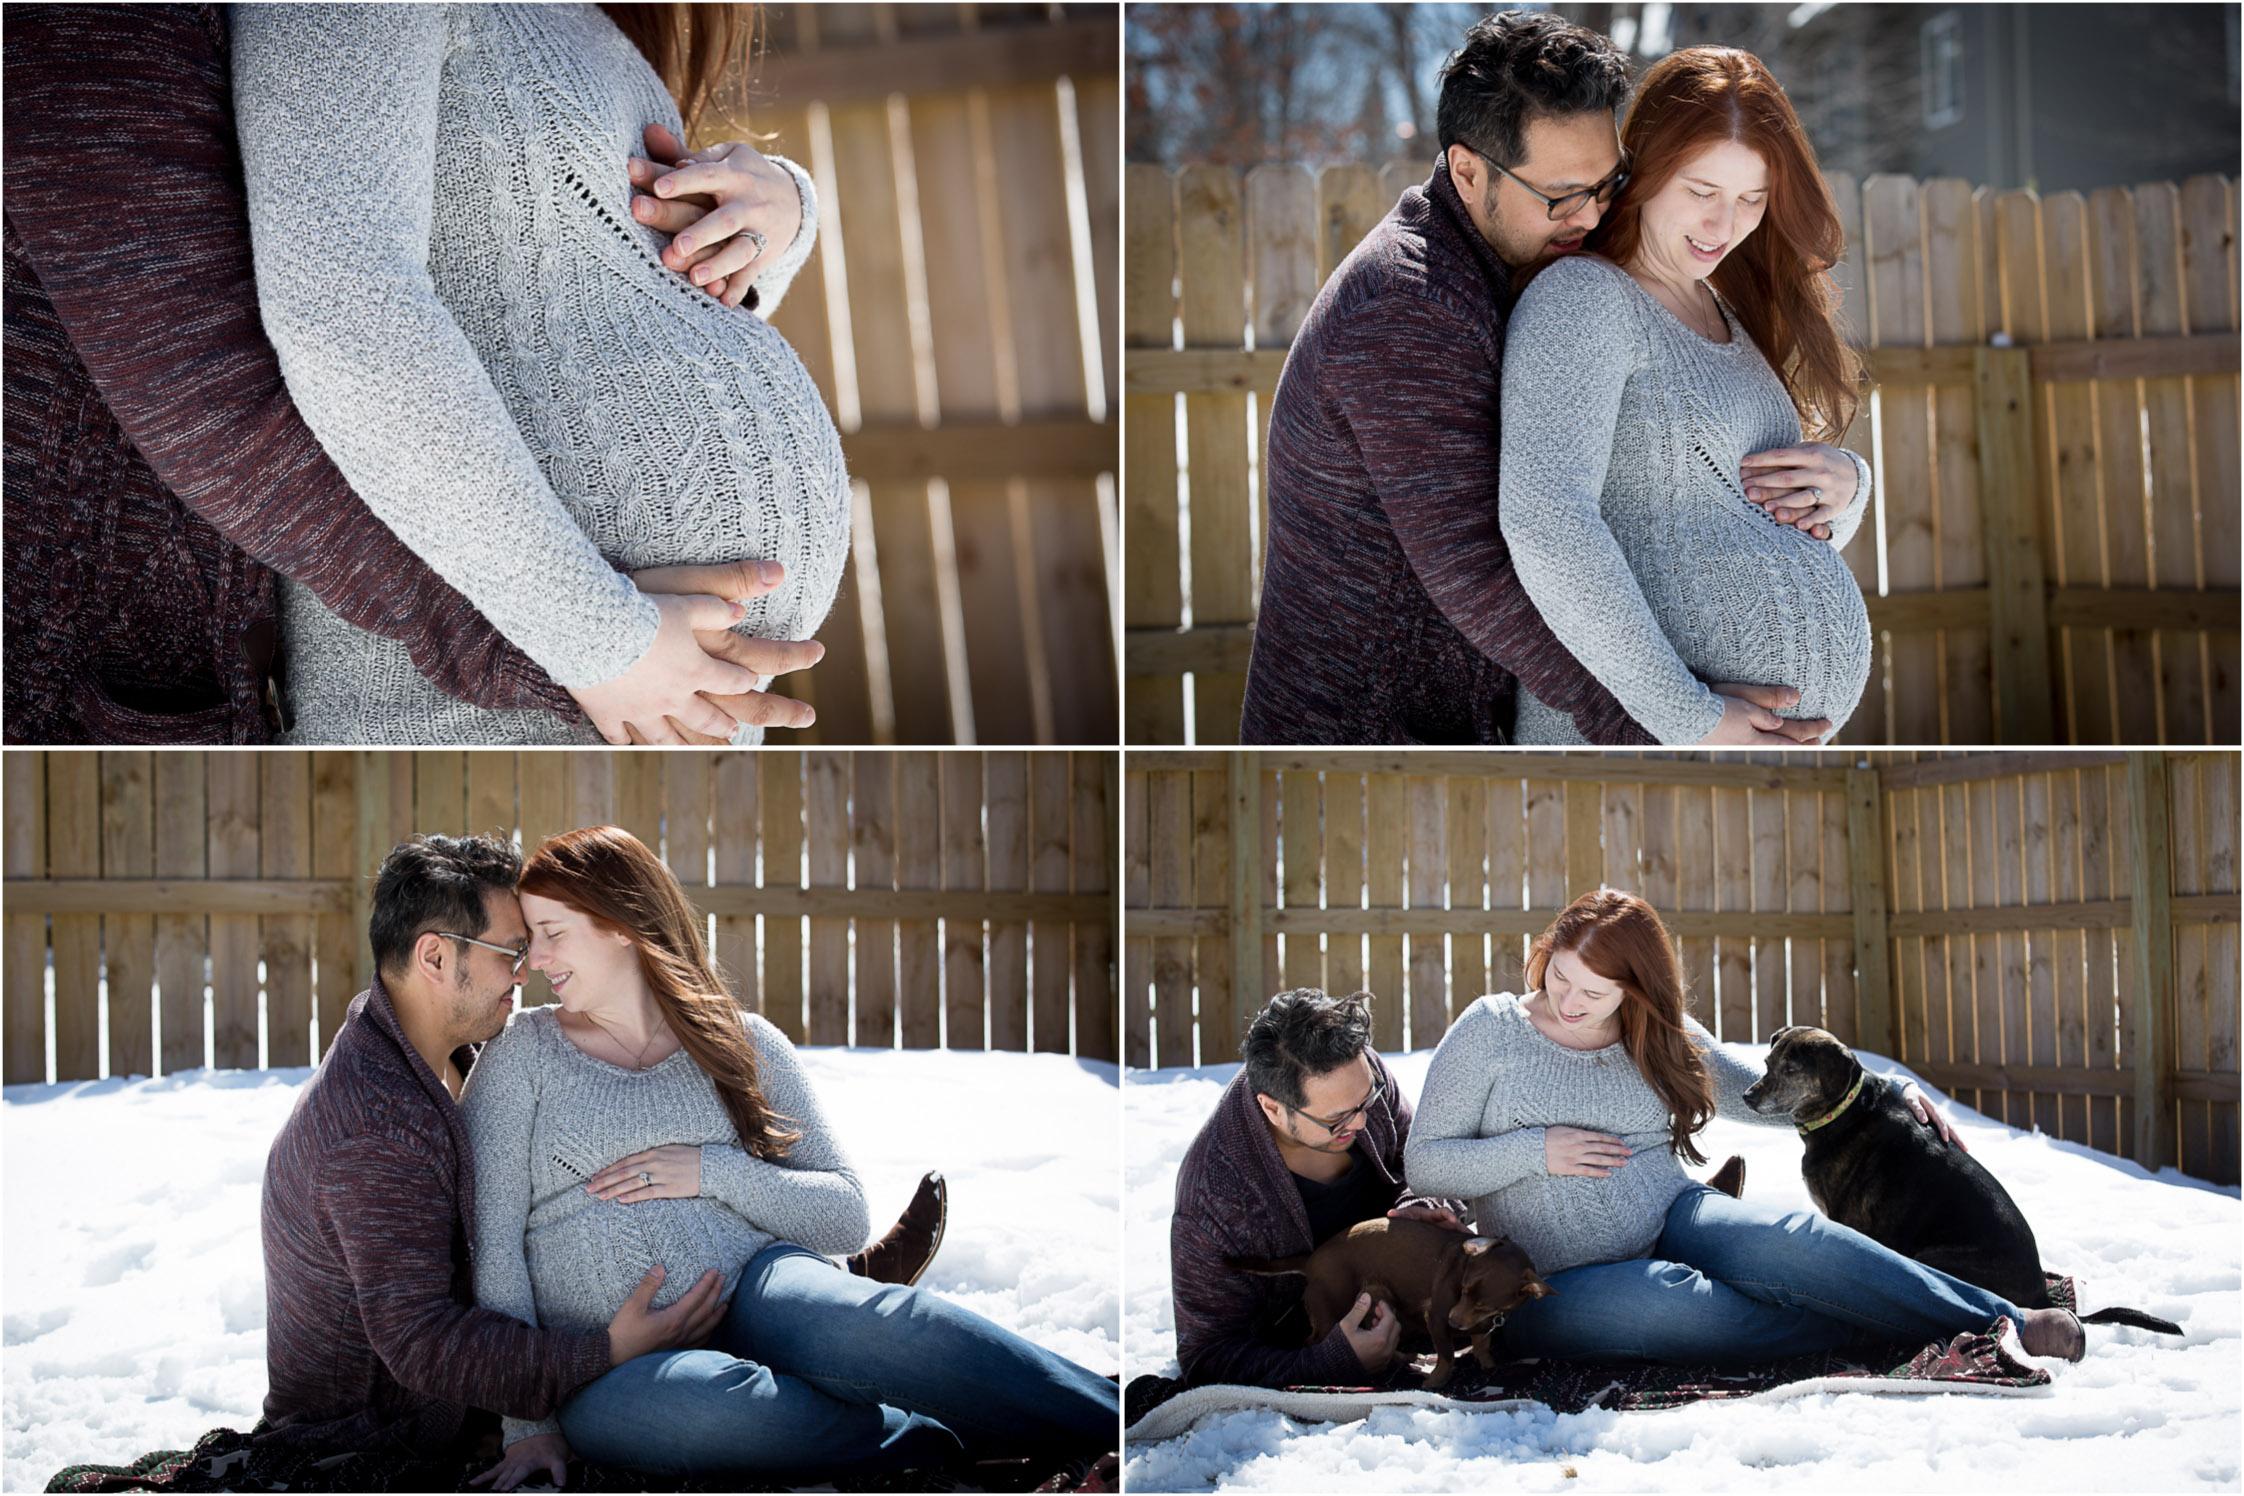 07-in-home-backyard-maternity-session-furbabies-family-mahonenphotography.jpg